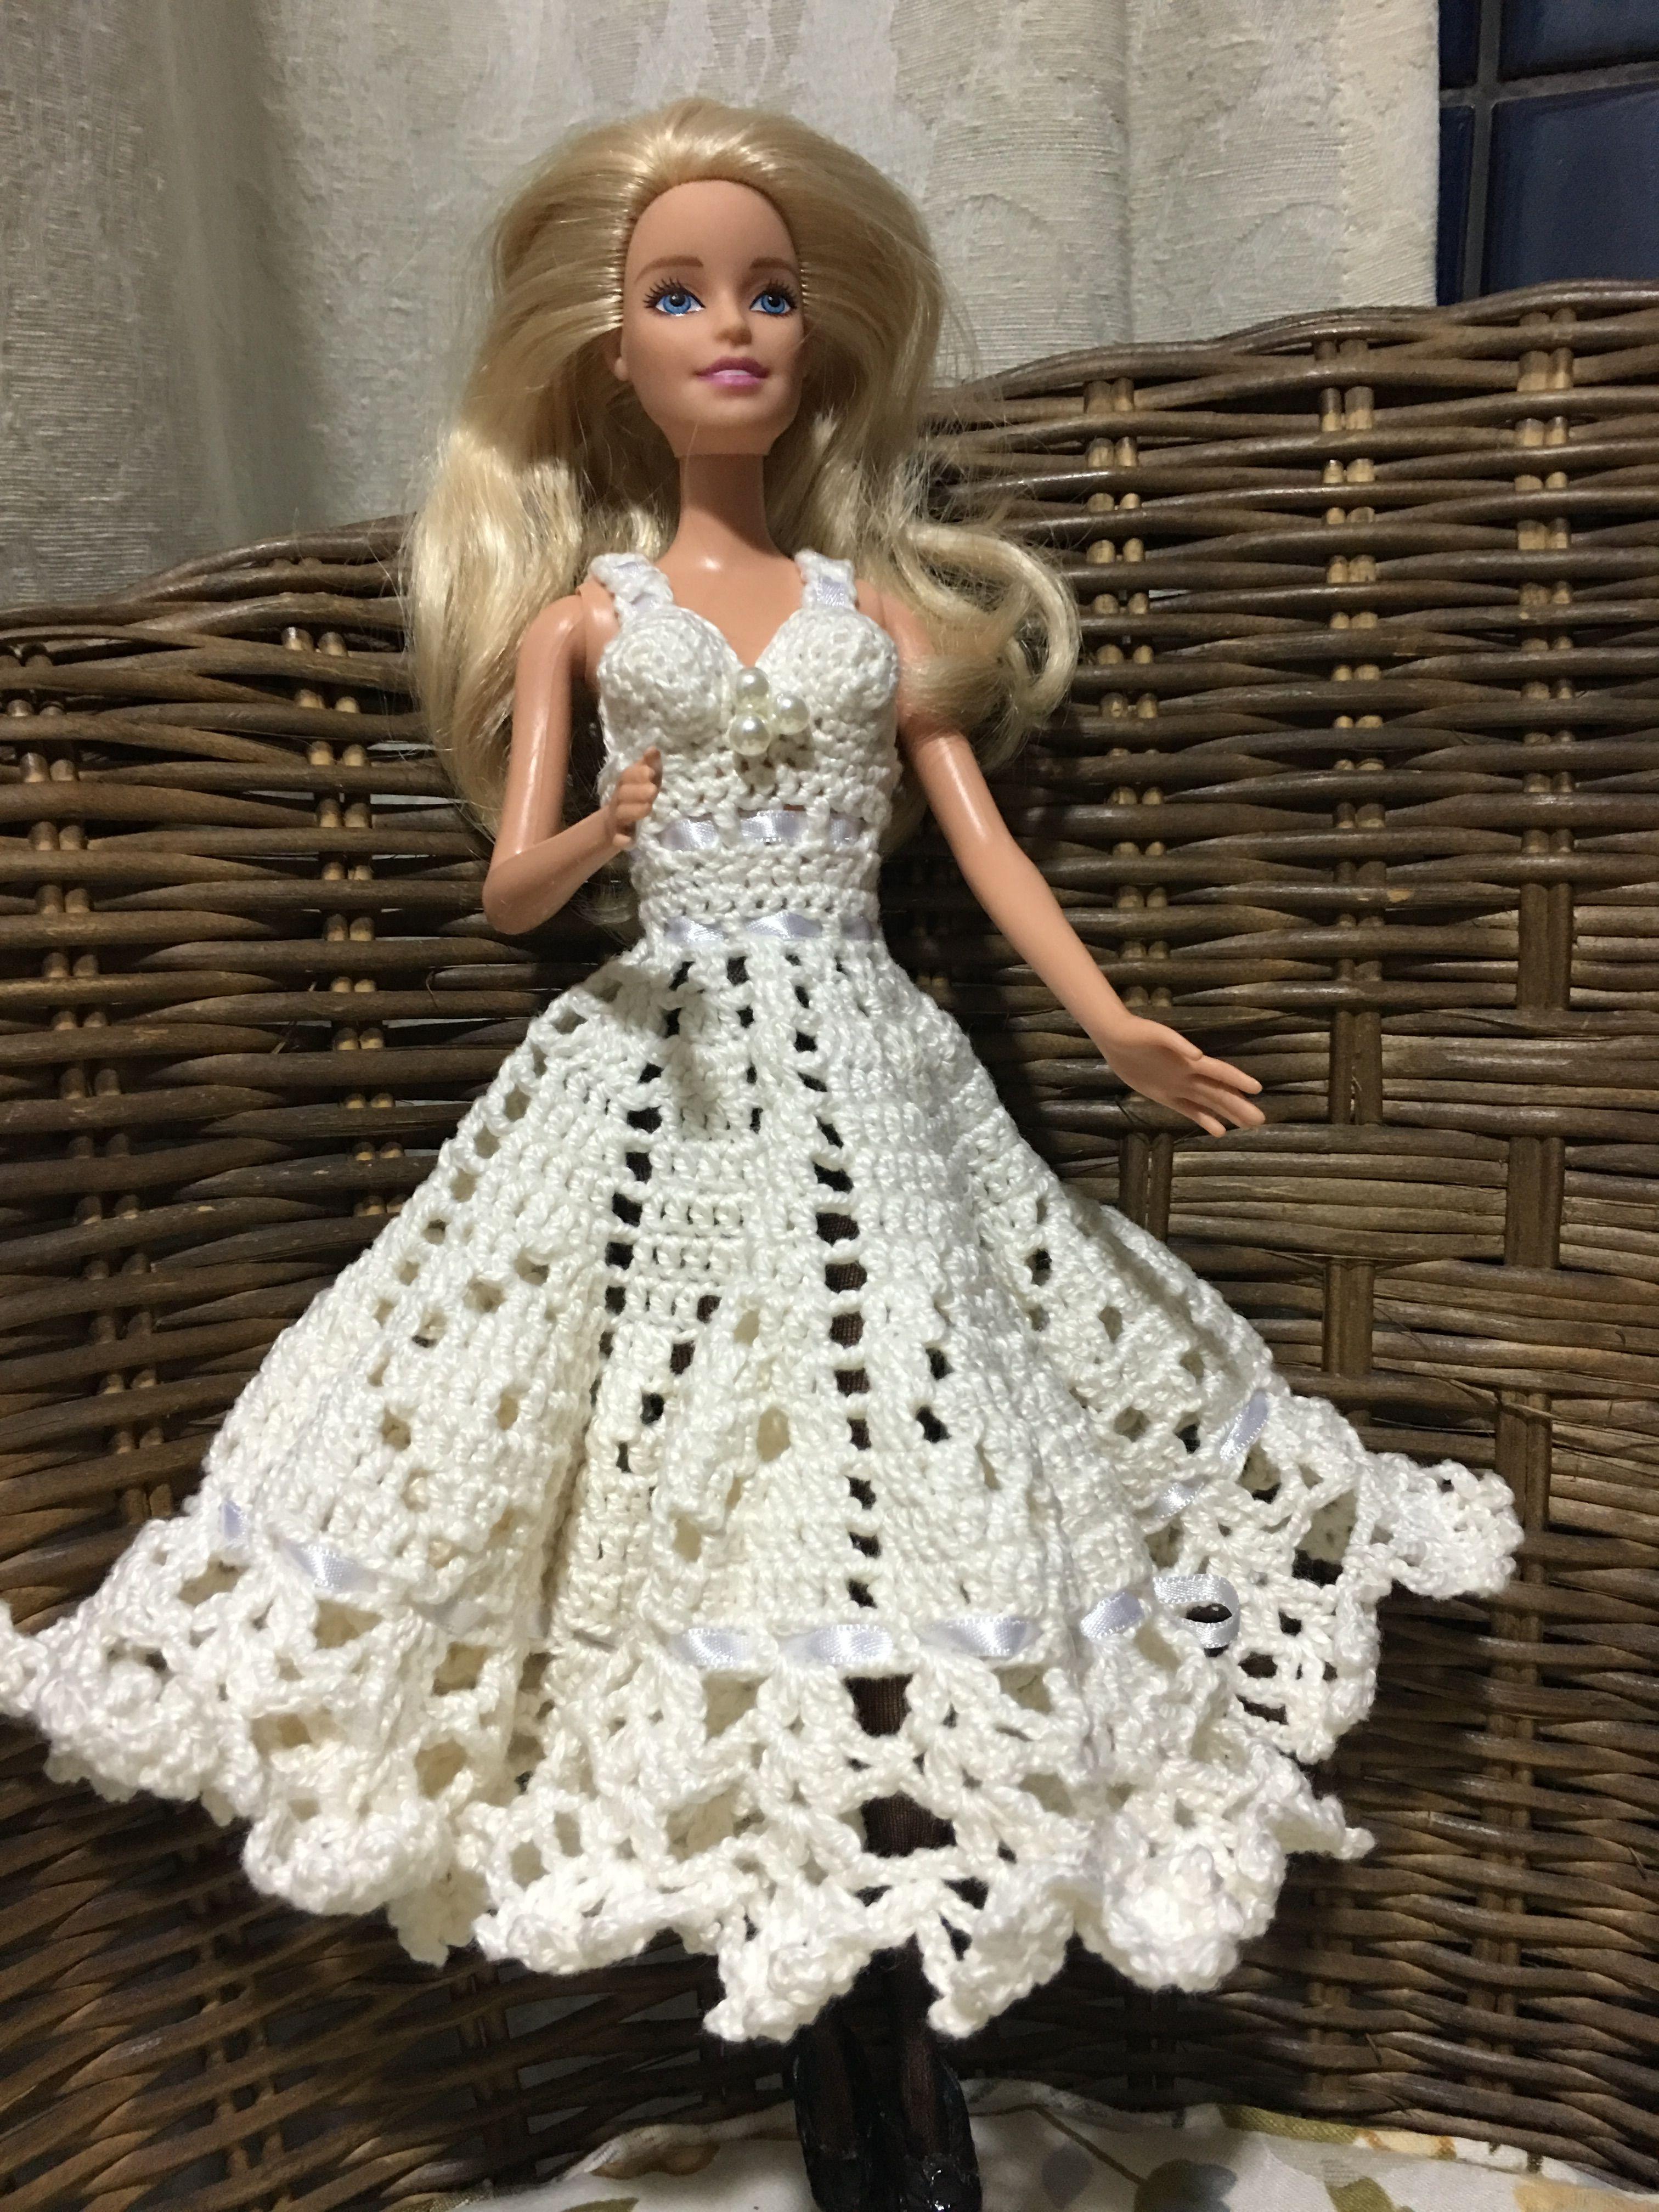 Pin von Bonnie Parsons auf Crochet Toys Barbie Clothes | Pinterest ...